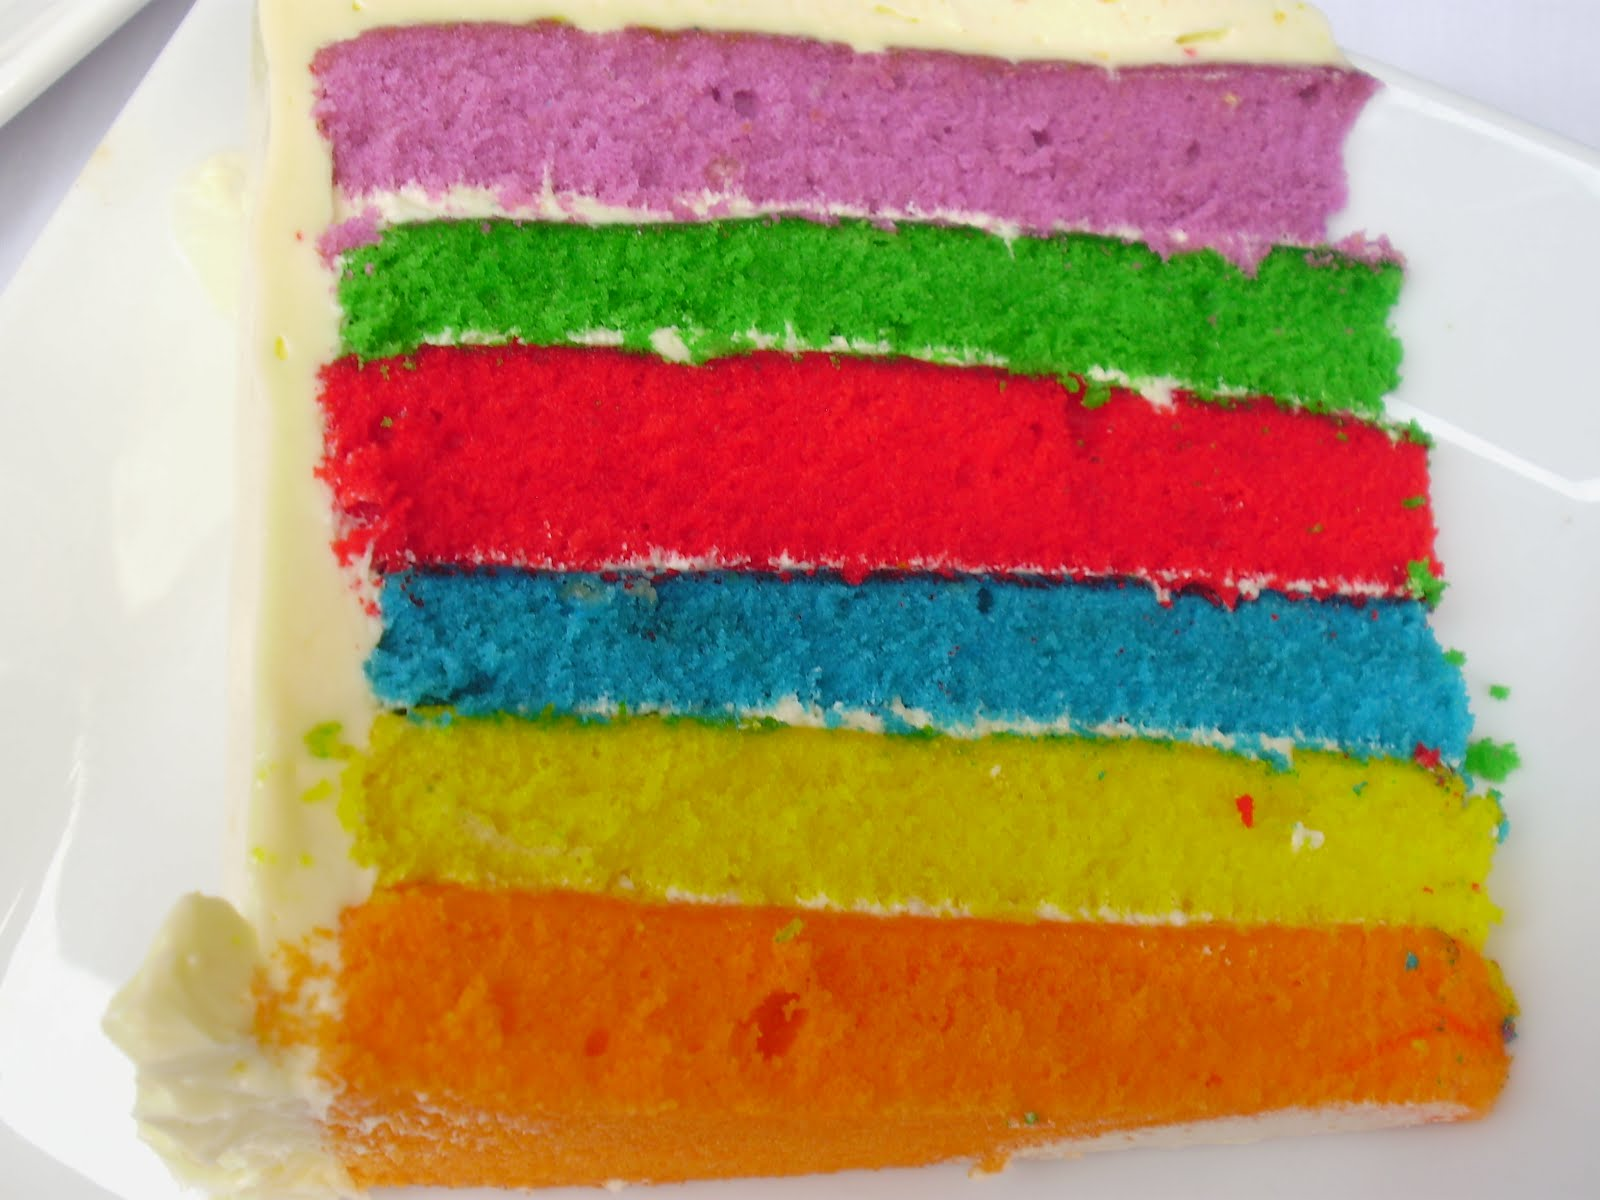 KELAS ITALIAN RAINBOW CAKE